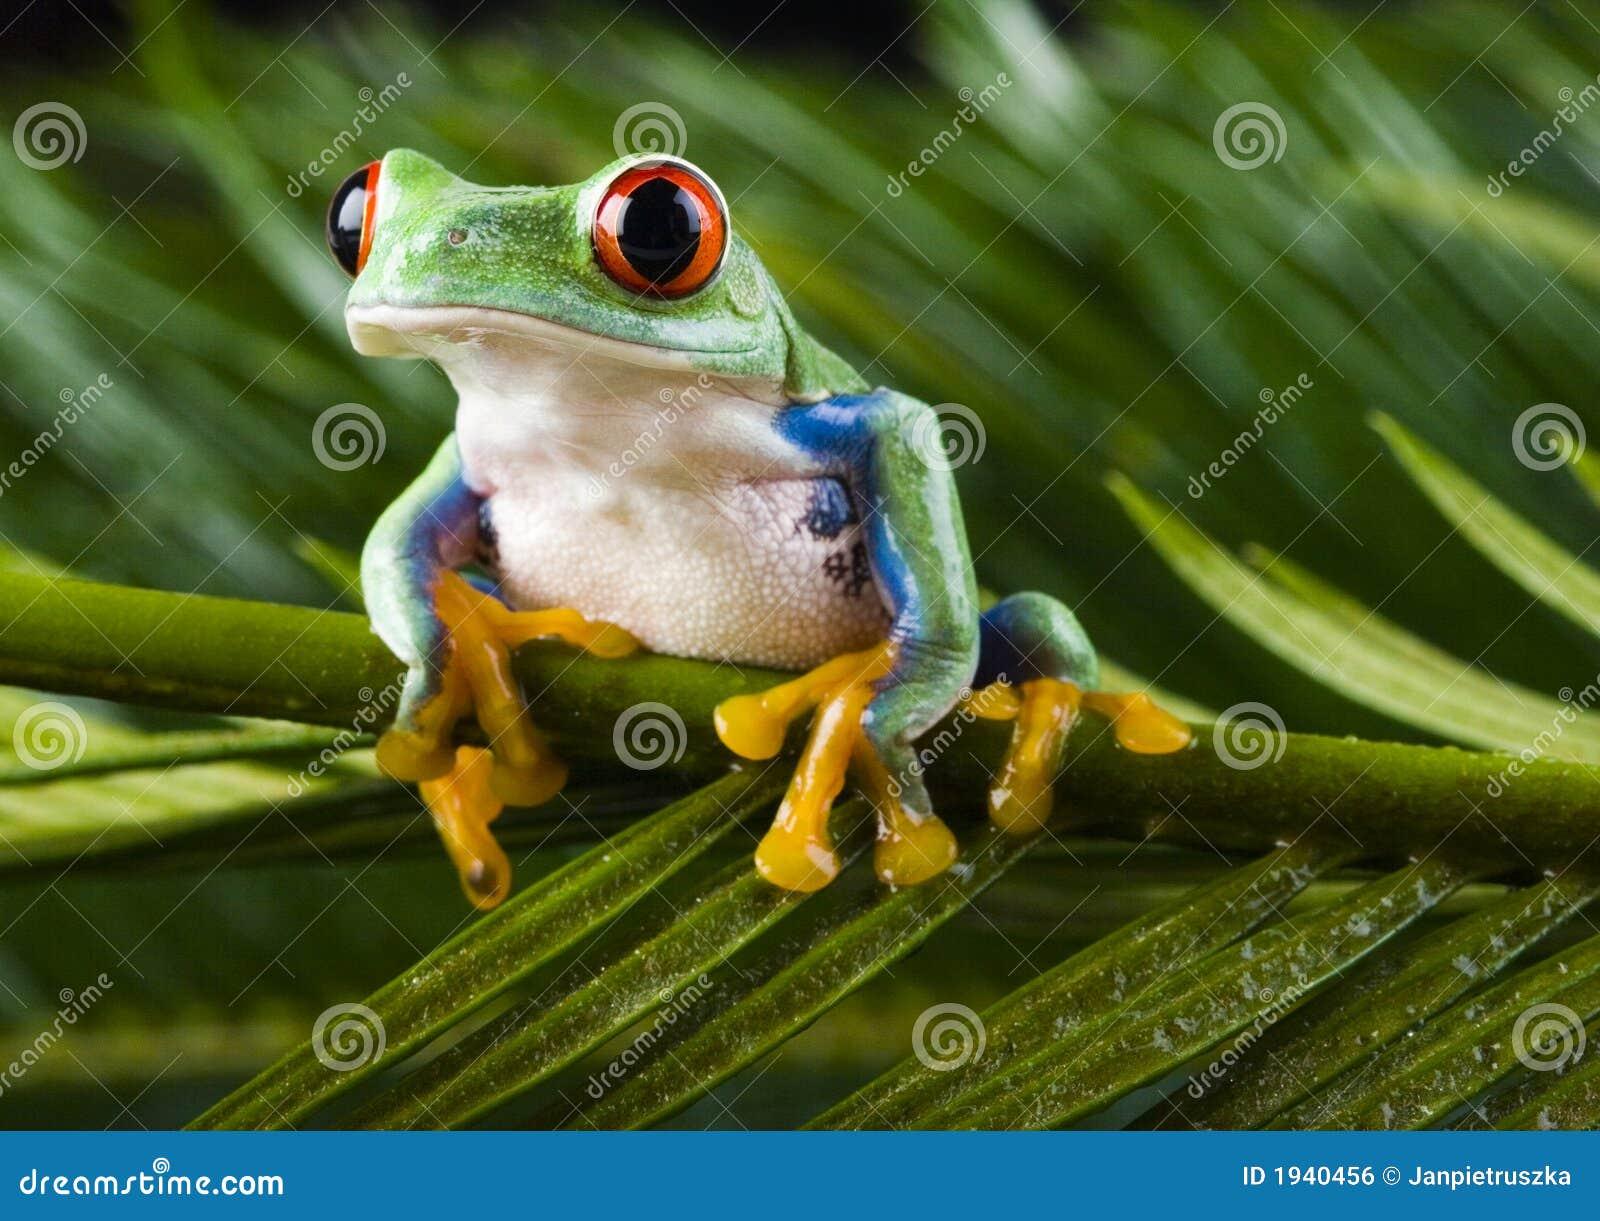 roter frosch stockfoto bild von amphibien tier fauna. Black Bedroom Furniture Sets. Home Design Ideas